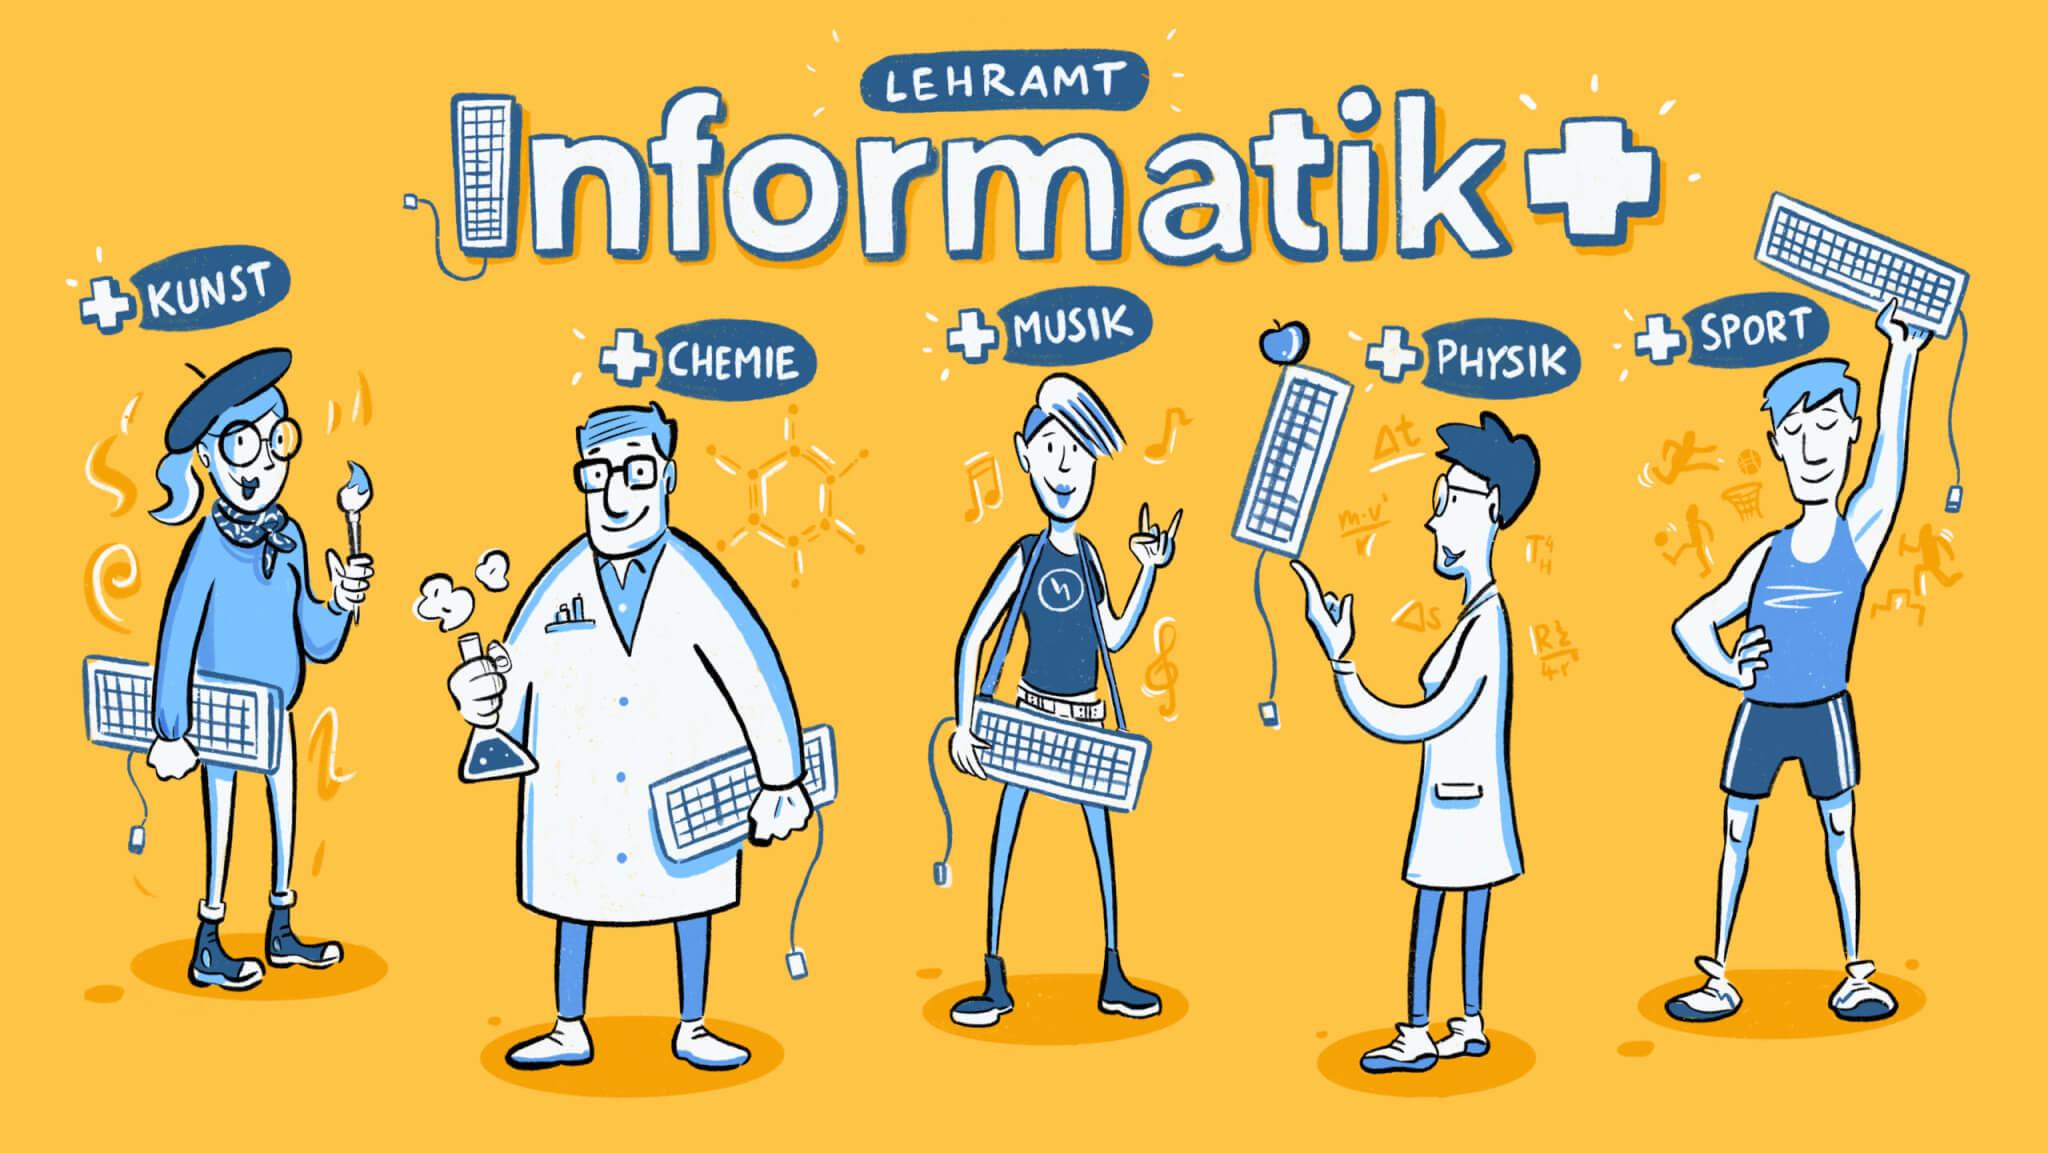 Neu: Wichtige Änderung im Lehramt Informatik